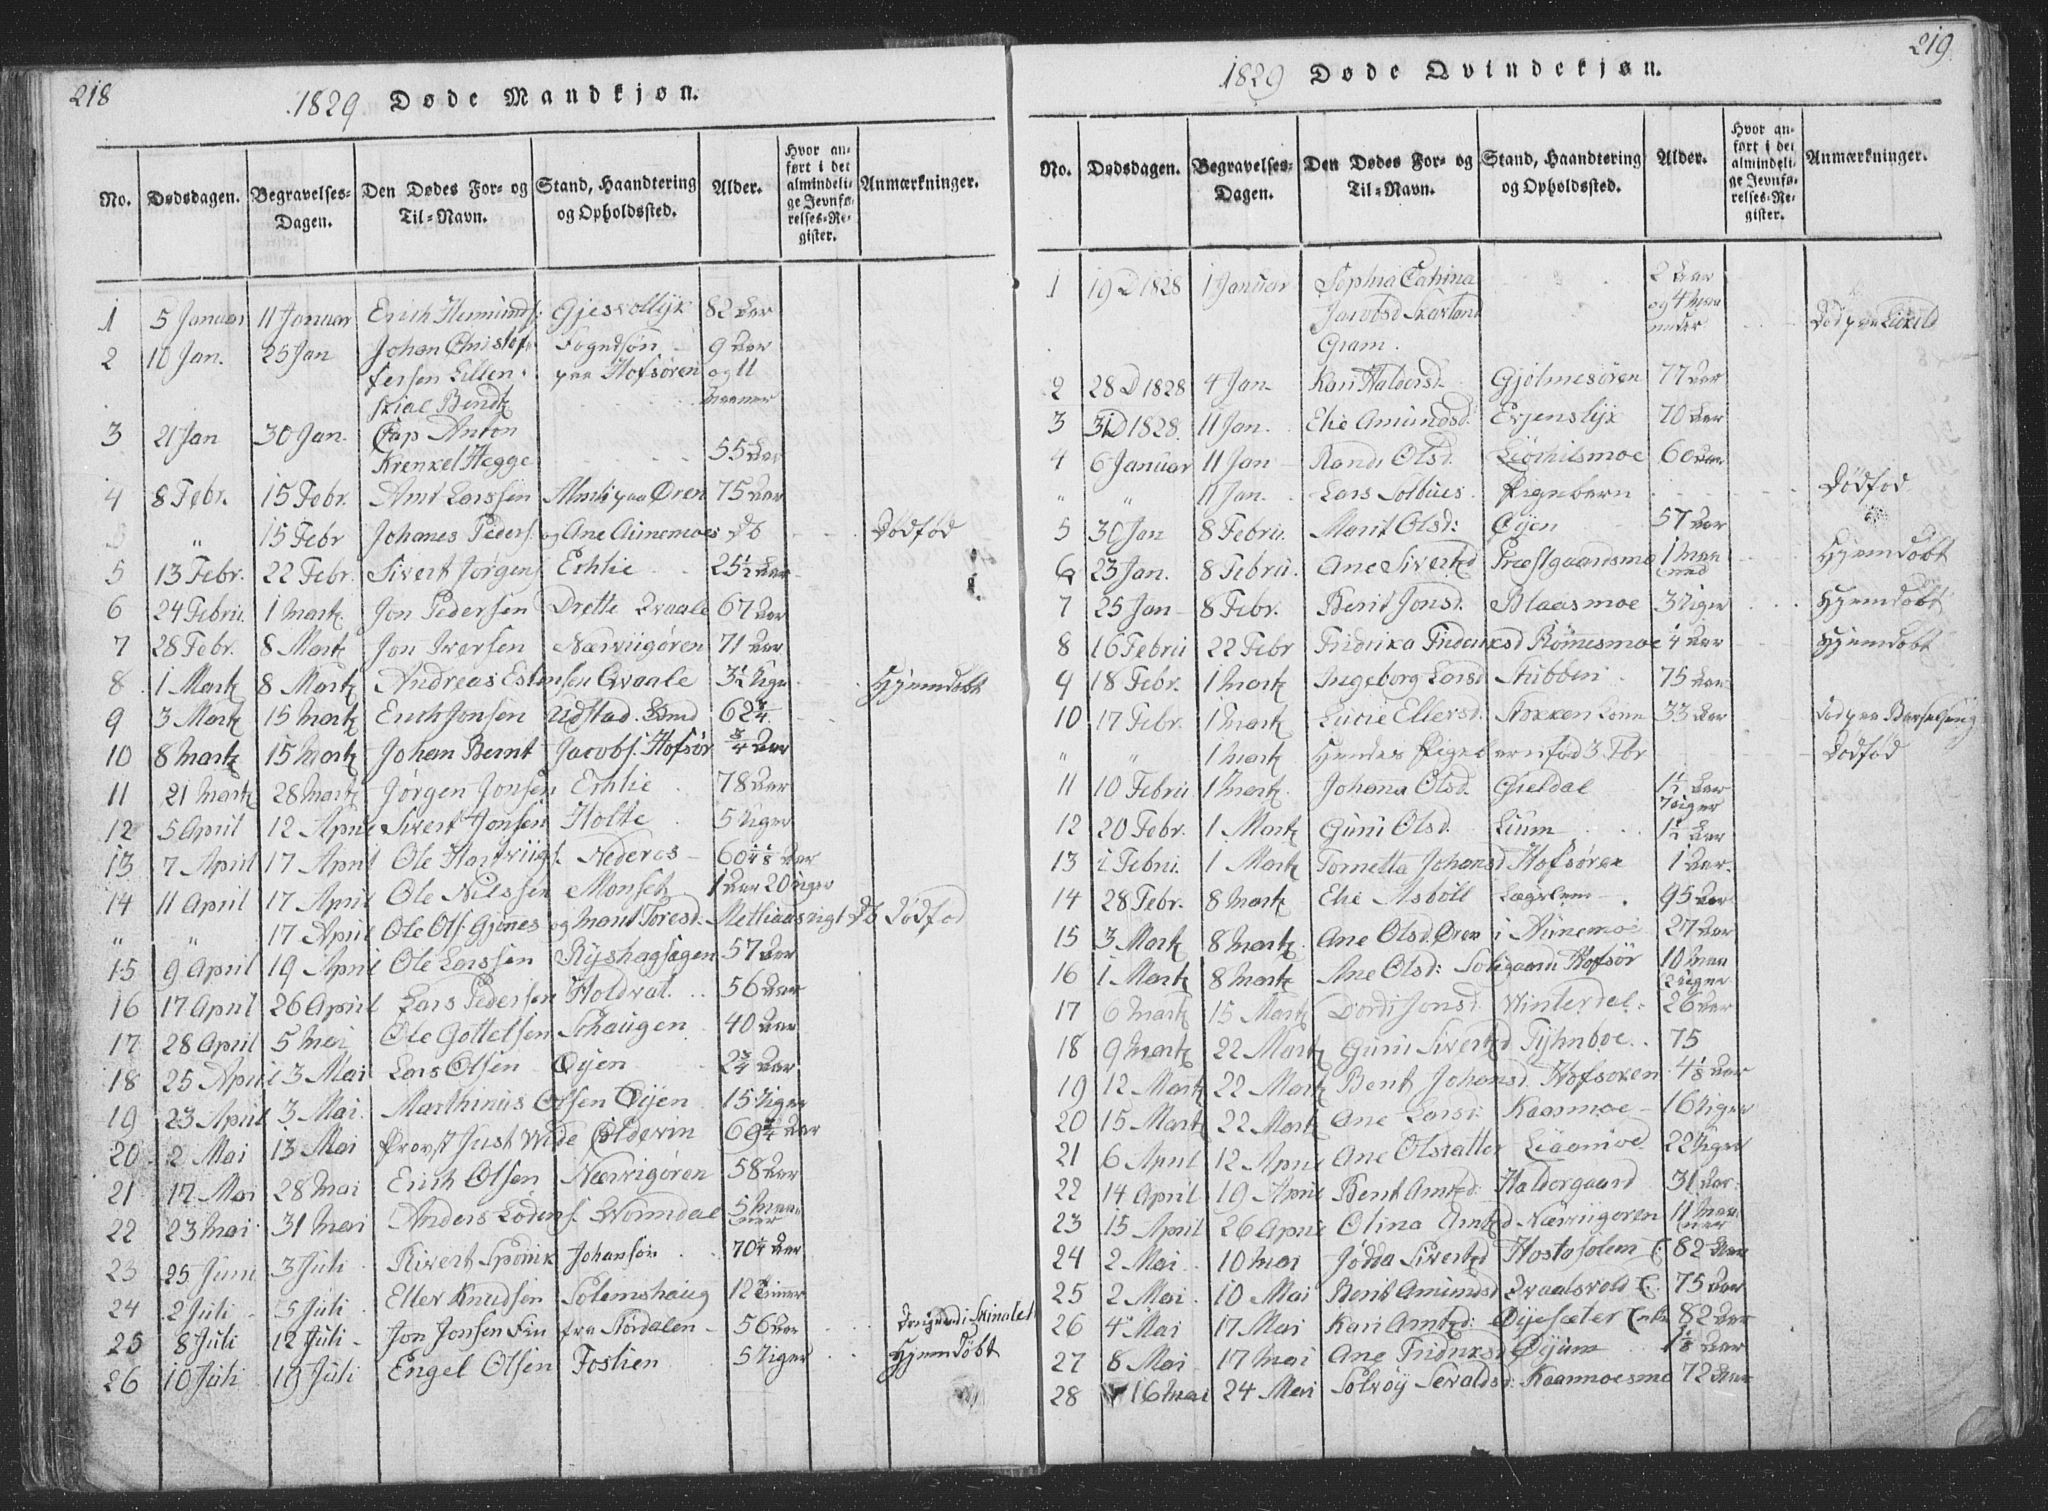 SAT, Ministerialprotokoller, klokkerbøker og fødselsregistre - Sør-Trøndelag, 668/L0816: Klokkerbok nr. 668C05, 1816-1893, s. 218-219